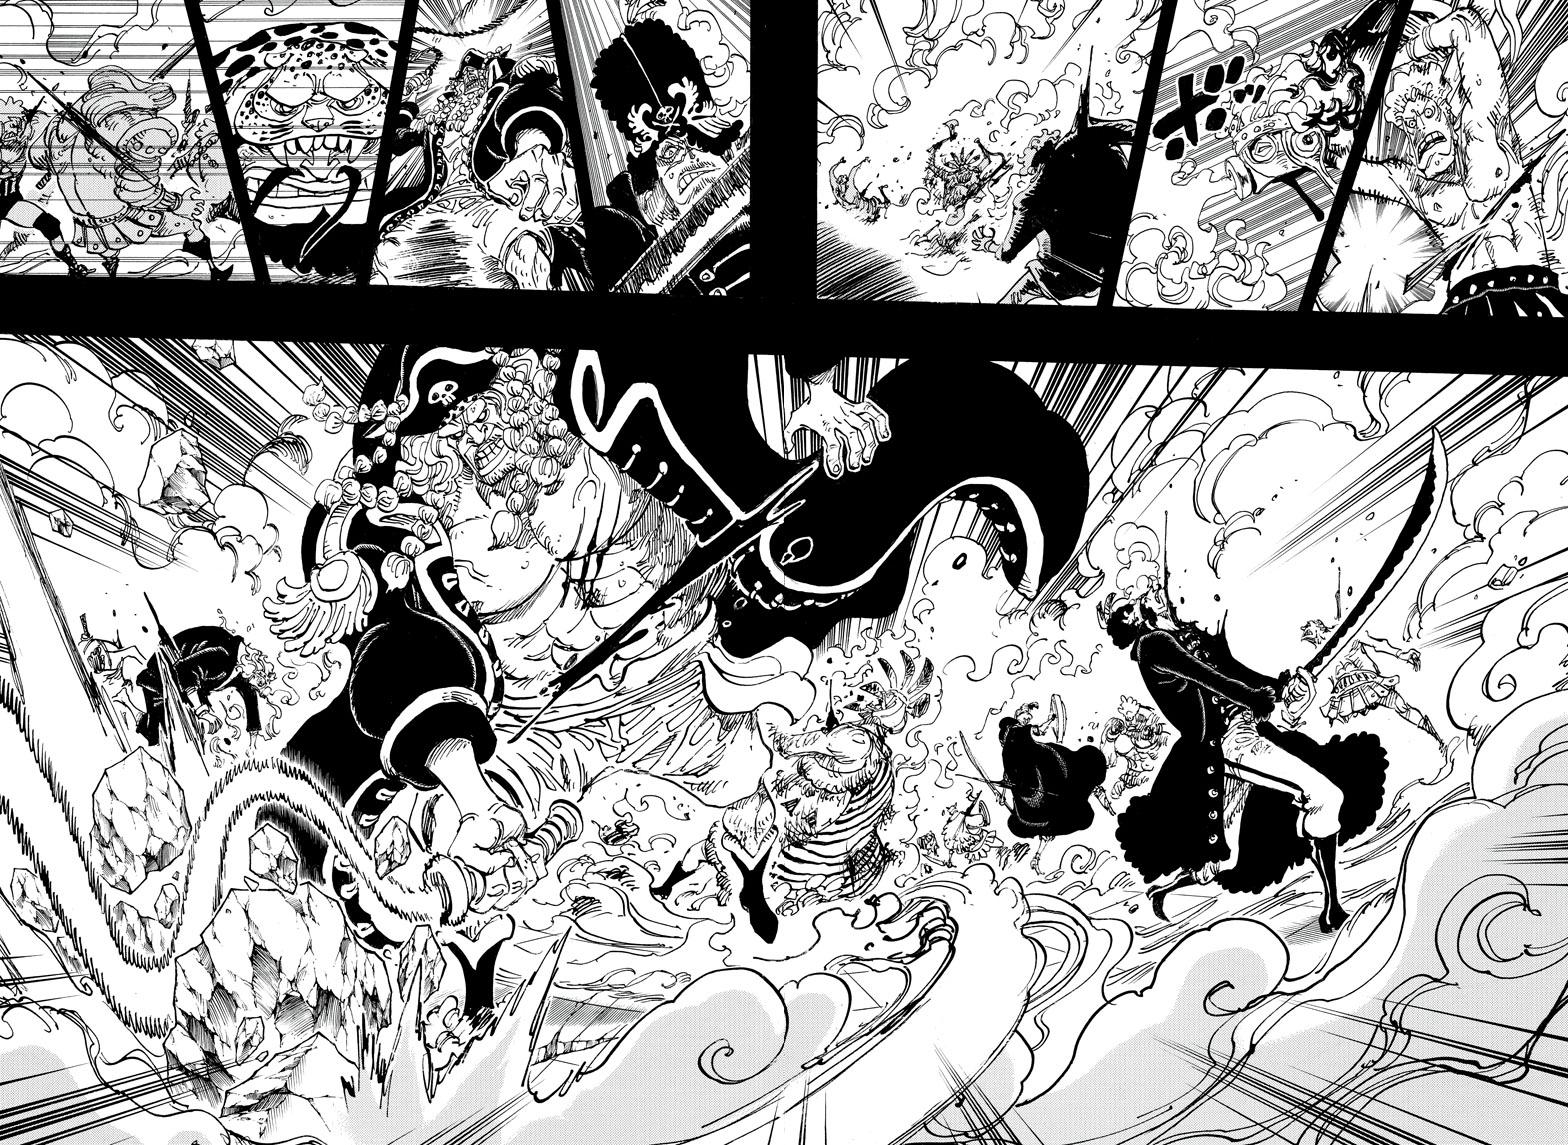 Hakuba (Cavendish) vs. Gladiadores del Bloque D